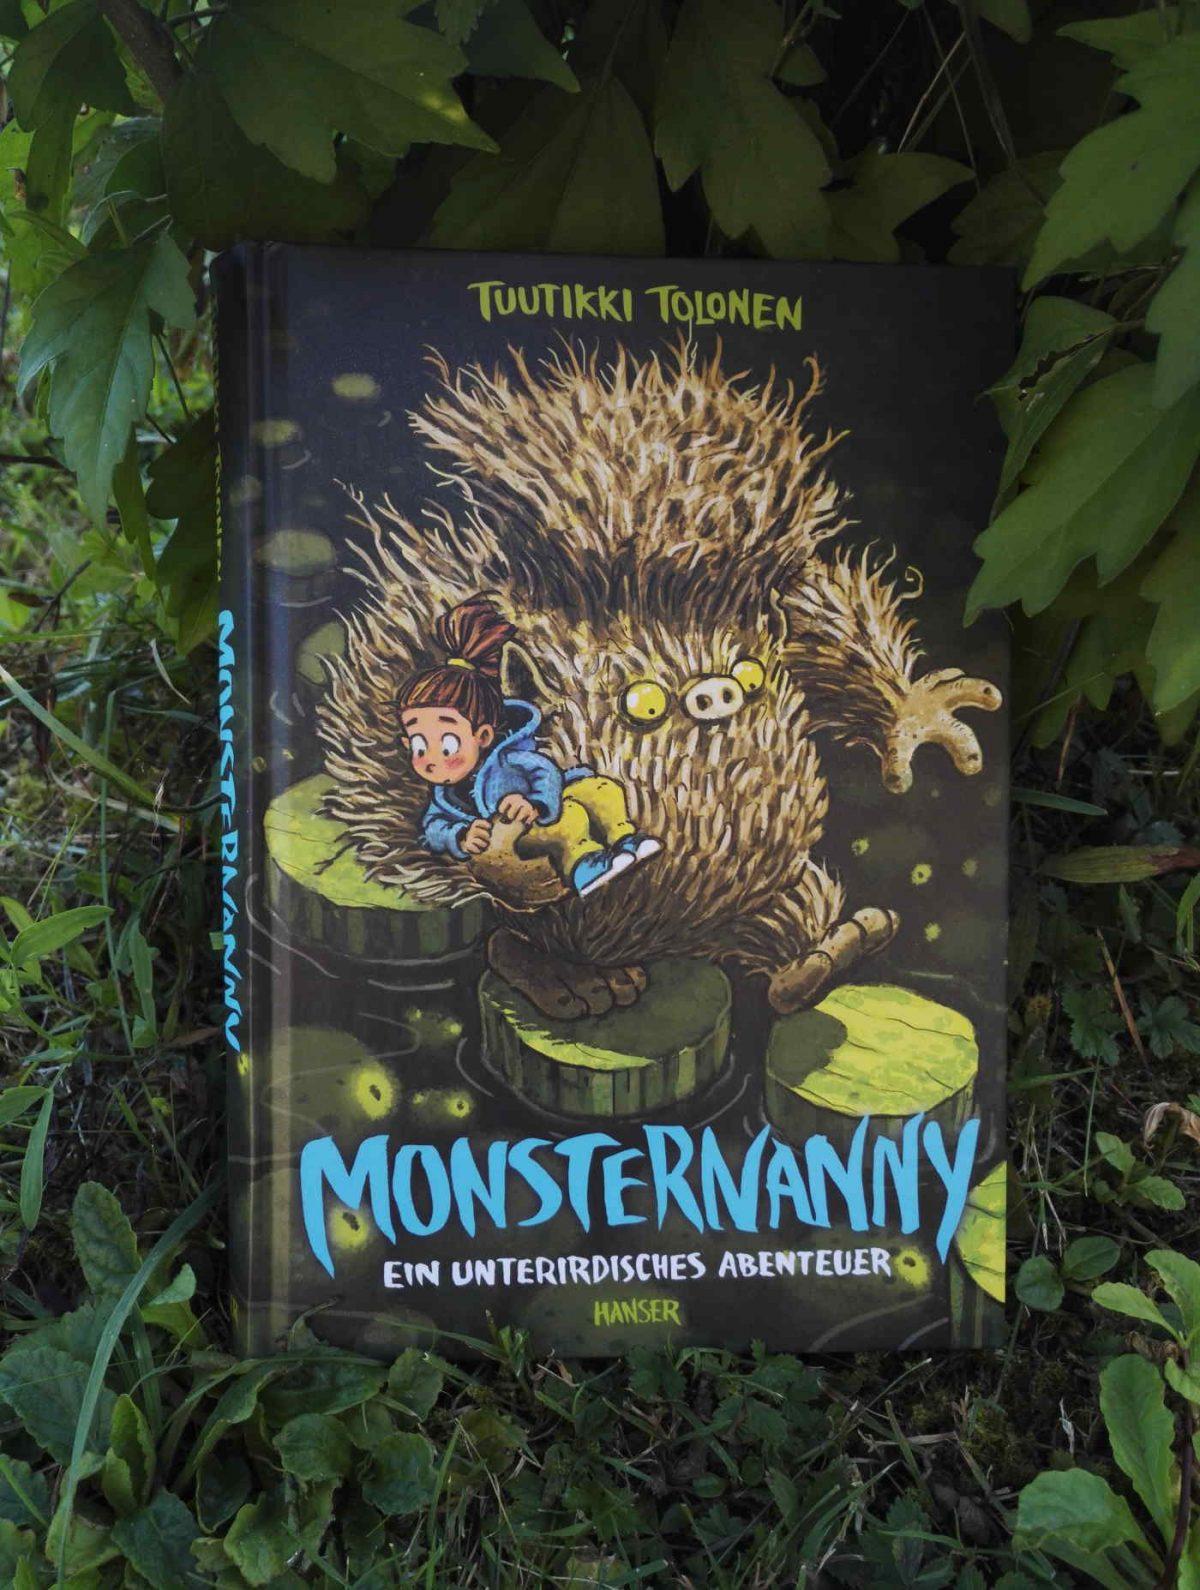 Tuutikki Tolonen Monsternanny: Ein unterirdisches Abenteuer